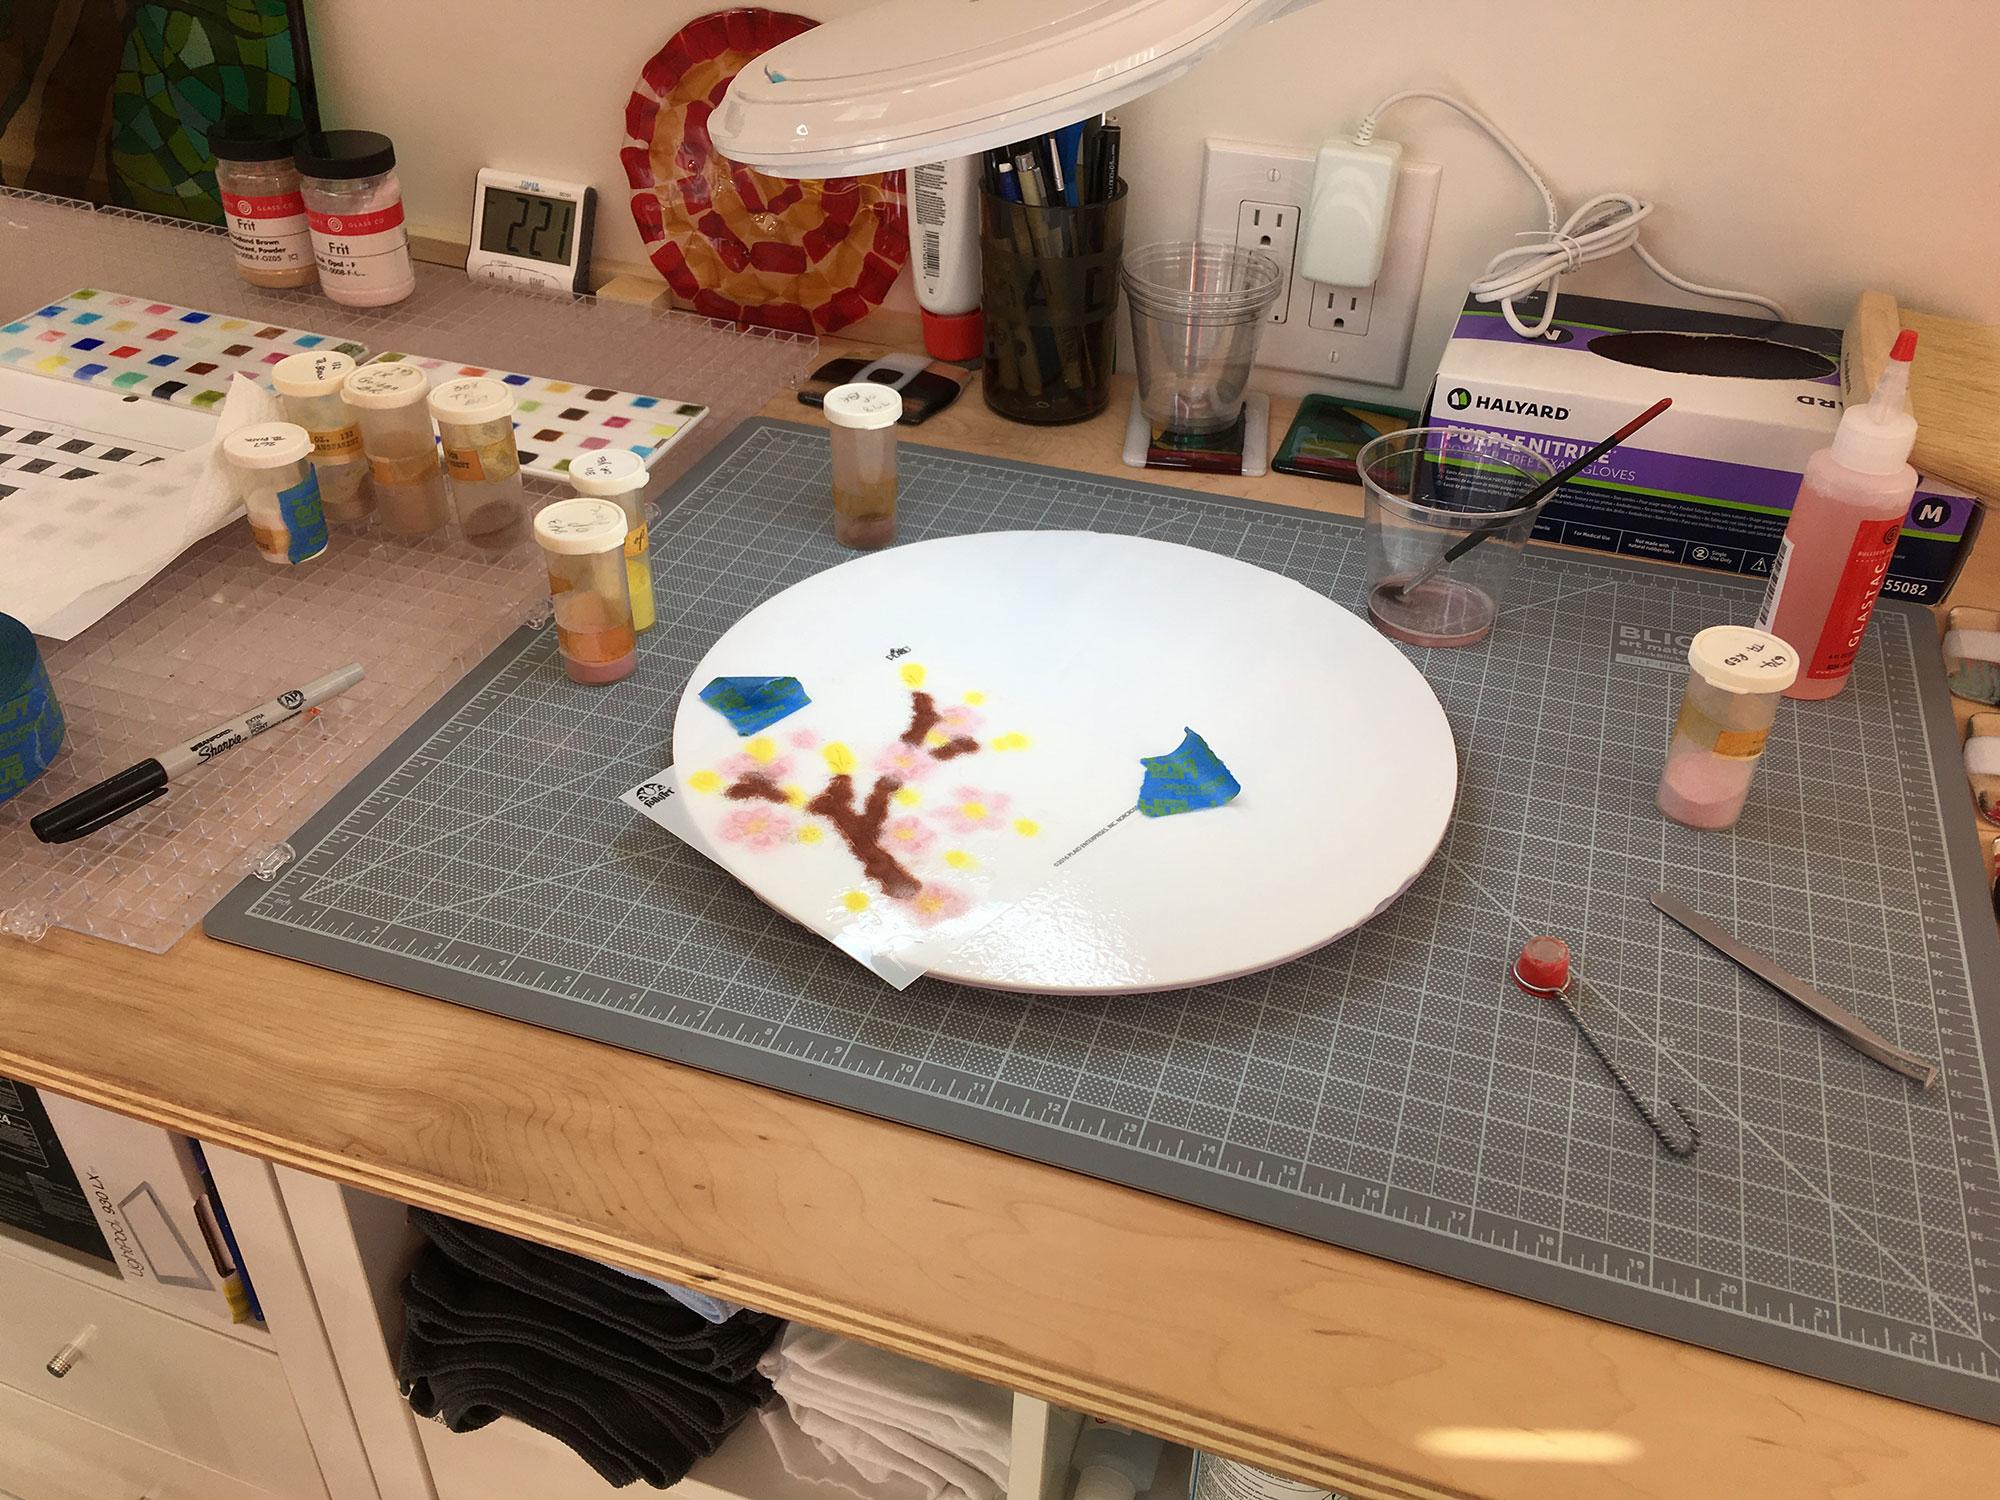 Applying the Enamel Powder Through the Stencil